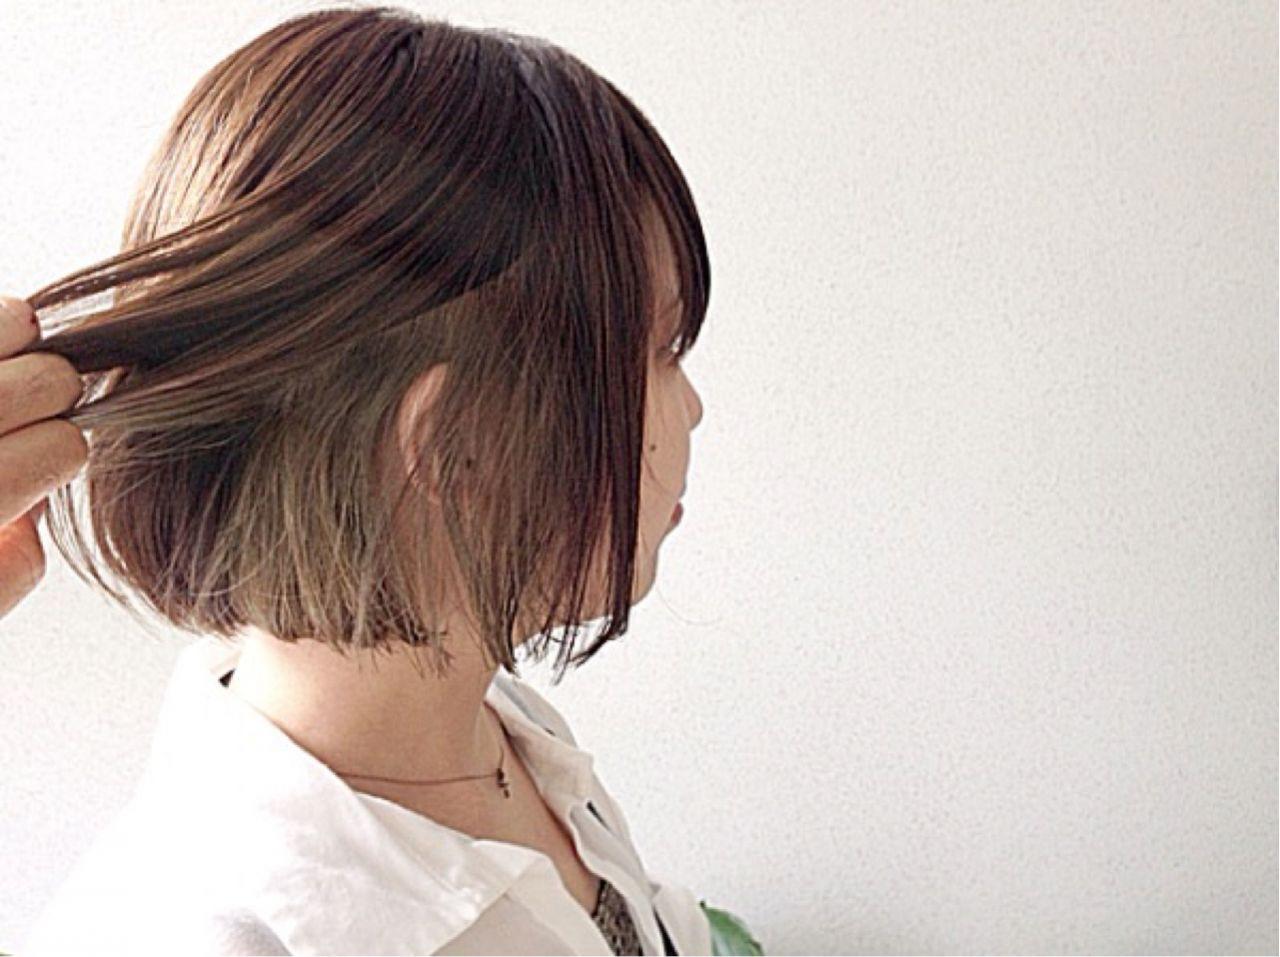 ボブ ウェットヘア ナチュラル インナーカラー ヘアスタイルや髪型の写真・画像